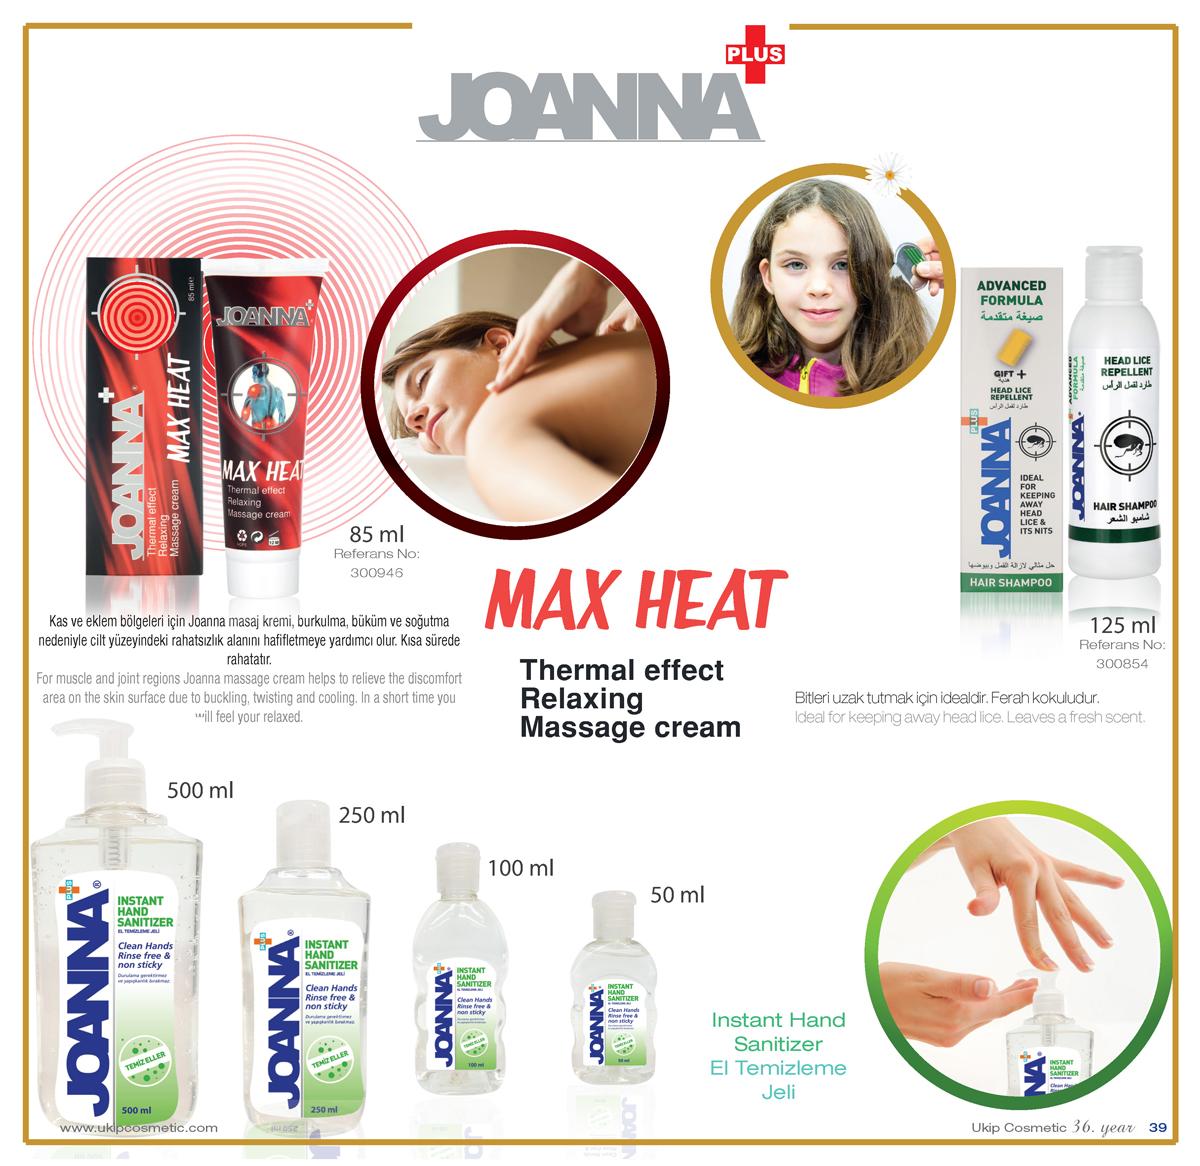 Joanna Max Heat ,, Hair Lice Repellent Shampoo Joanna  ,, Instant hand sanitizer Joanna